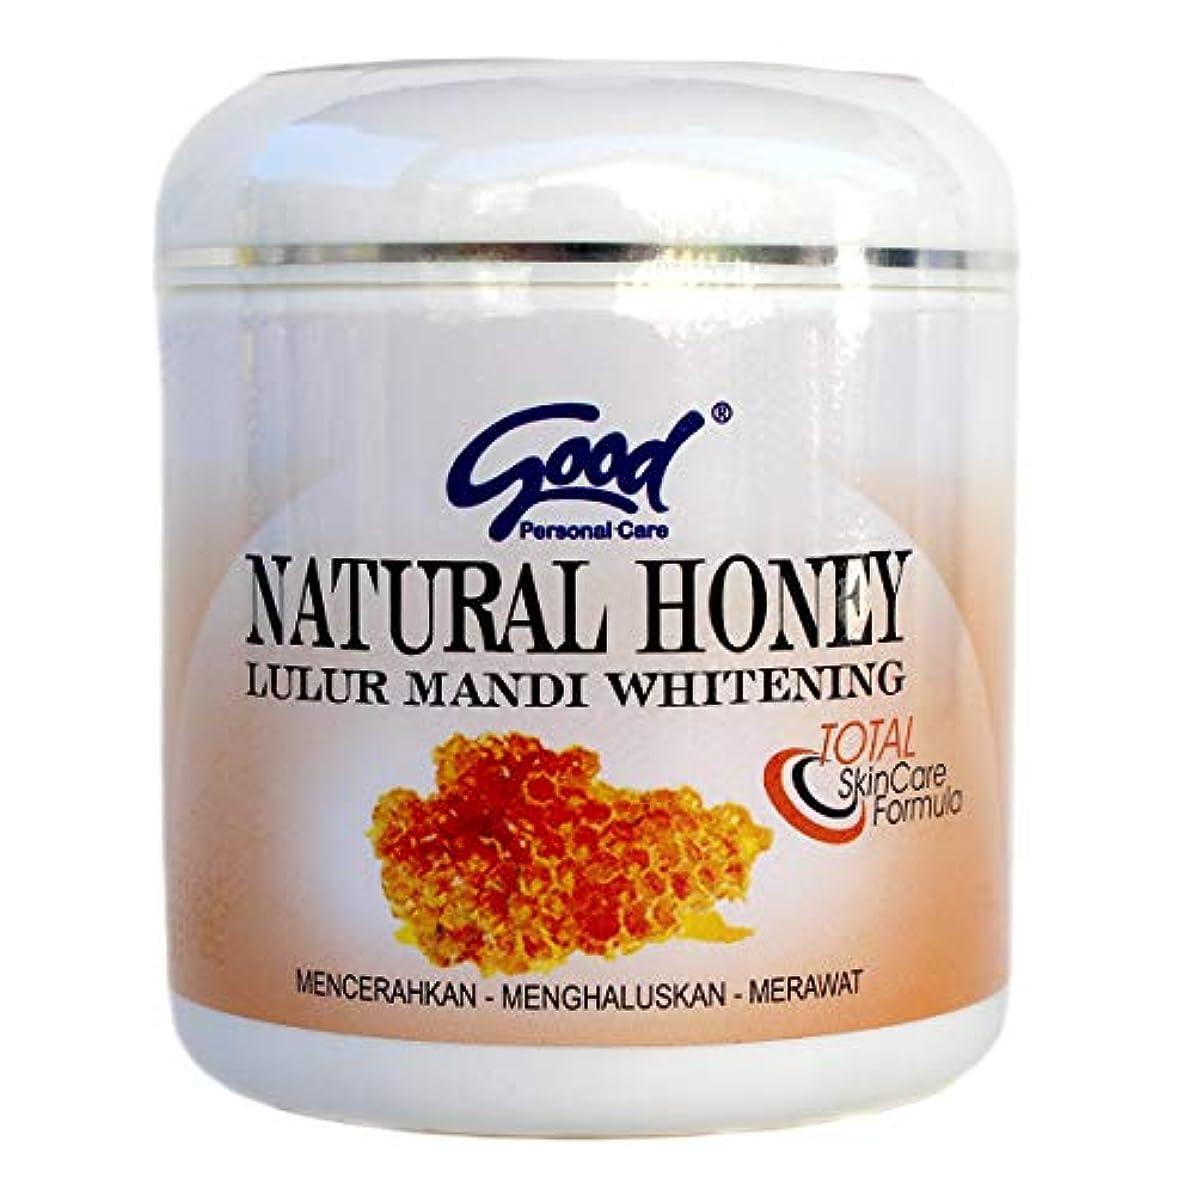 大学生要求する偶然のgood グッド インドネシアバリ島の伝統的なボディスクラブ Lulur Mandi マンディルルール 200g Natural Honey ナチュラルハニー [海外直送品]